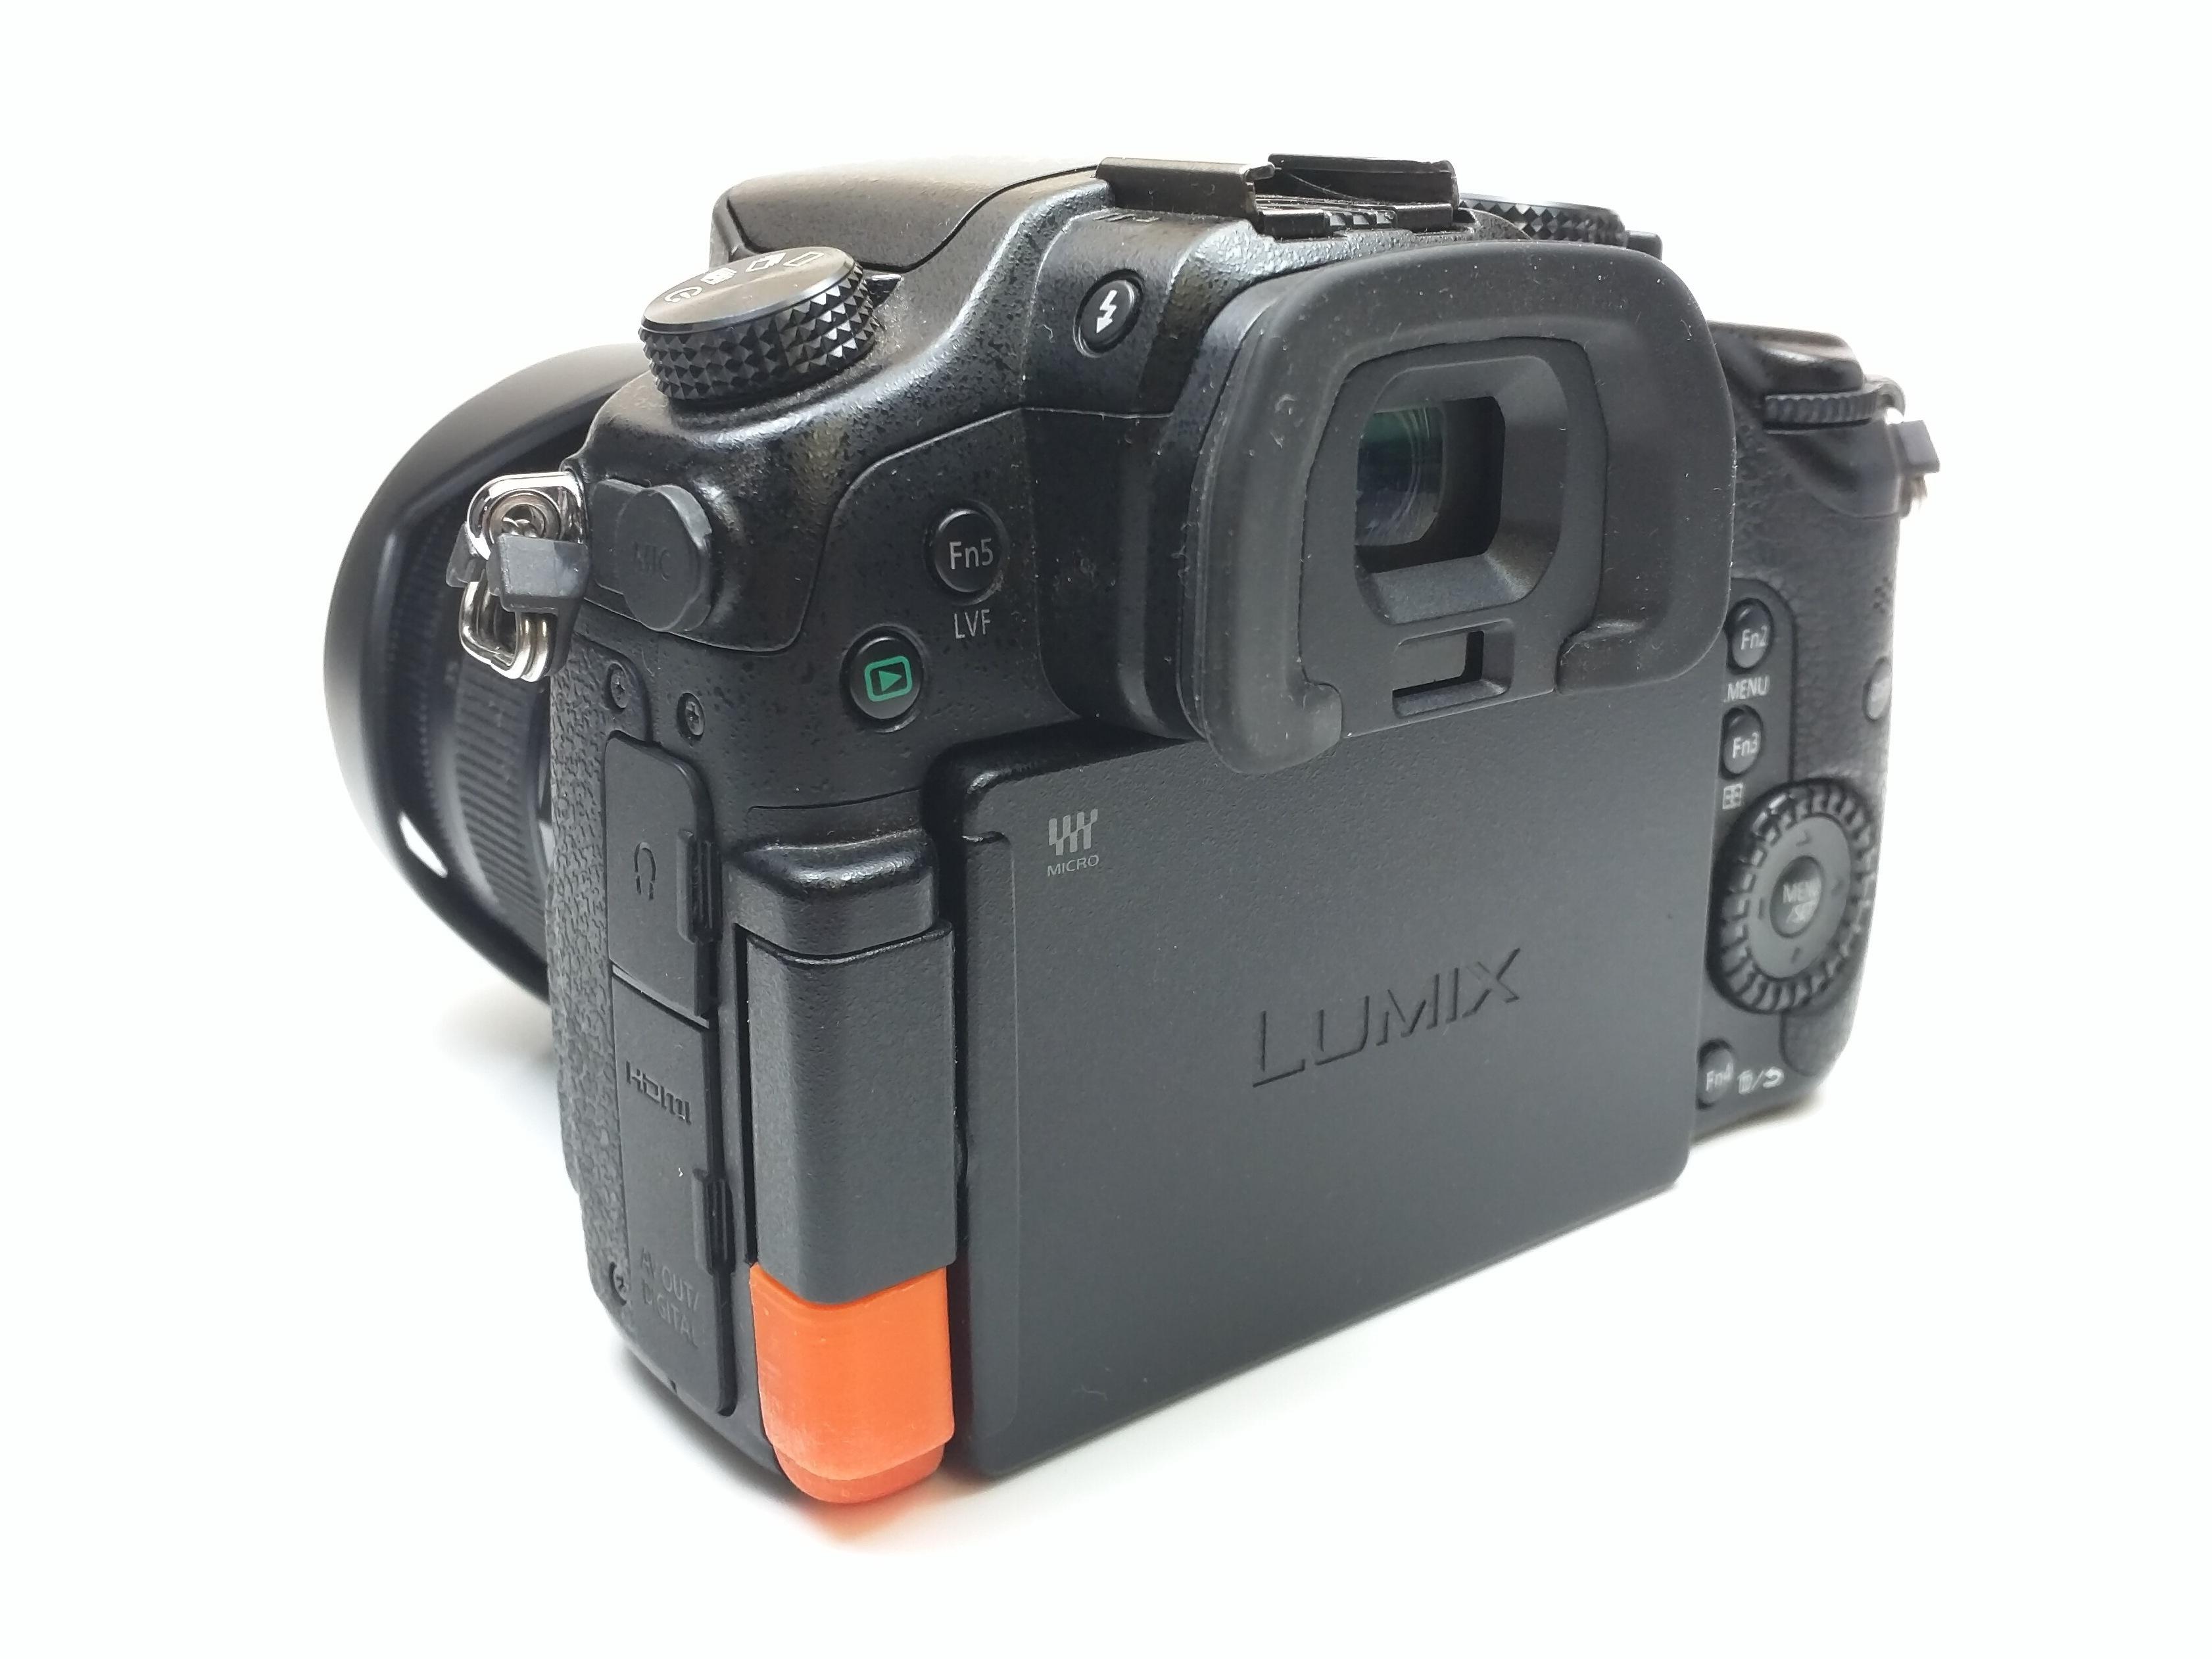 Lumix Camera Repair 3D Printing